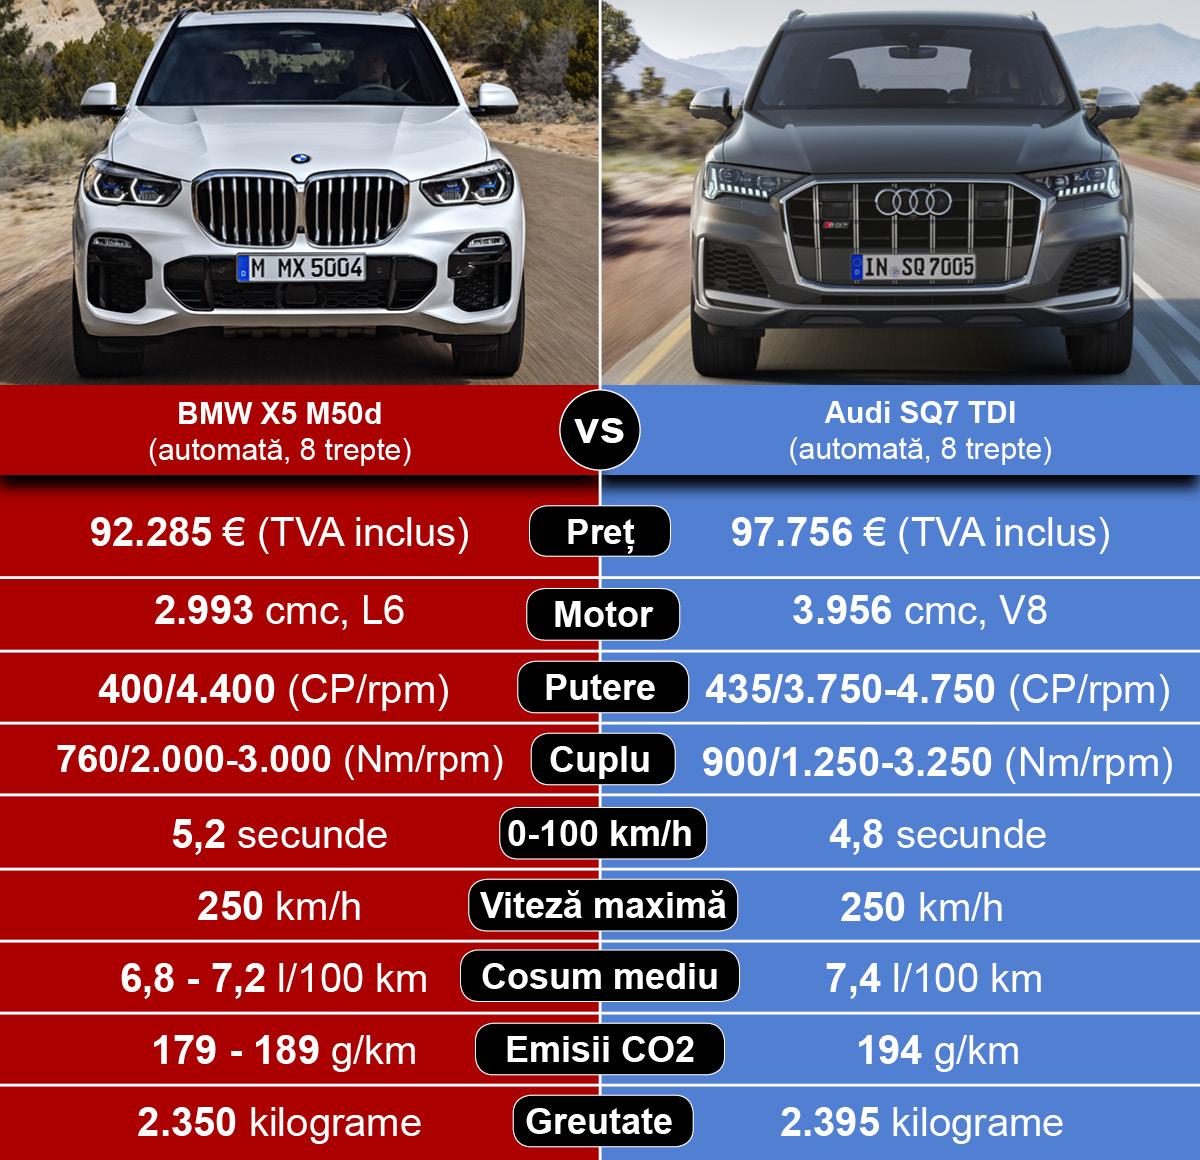 BMW X5 M50d vs Audi SQ7 TDI